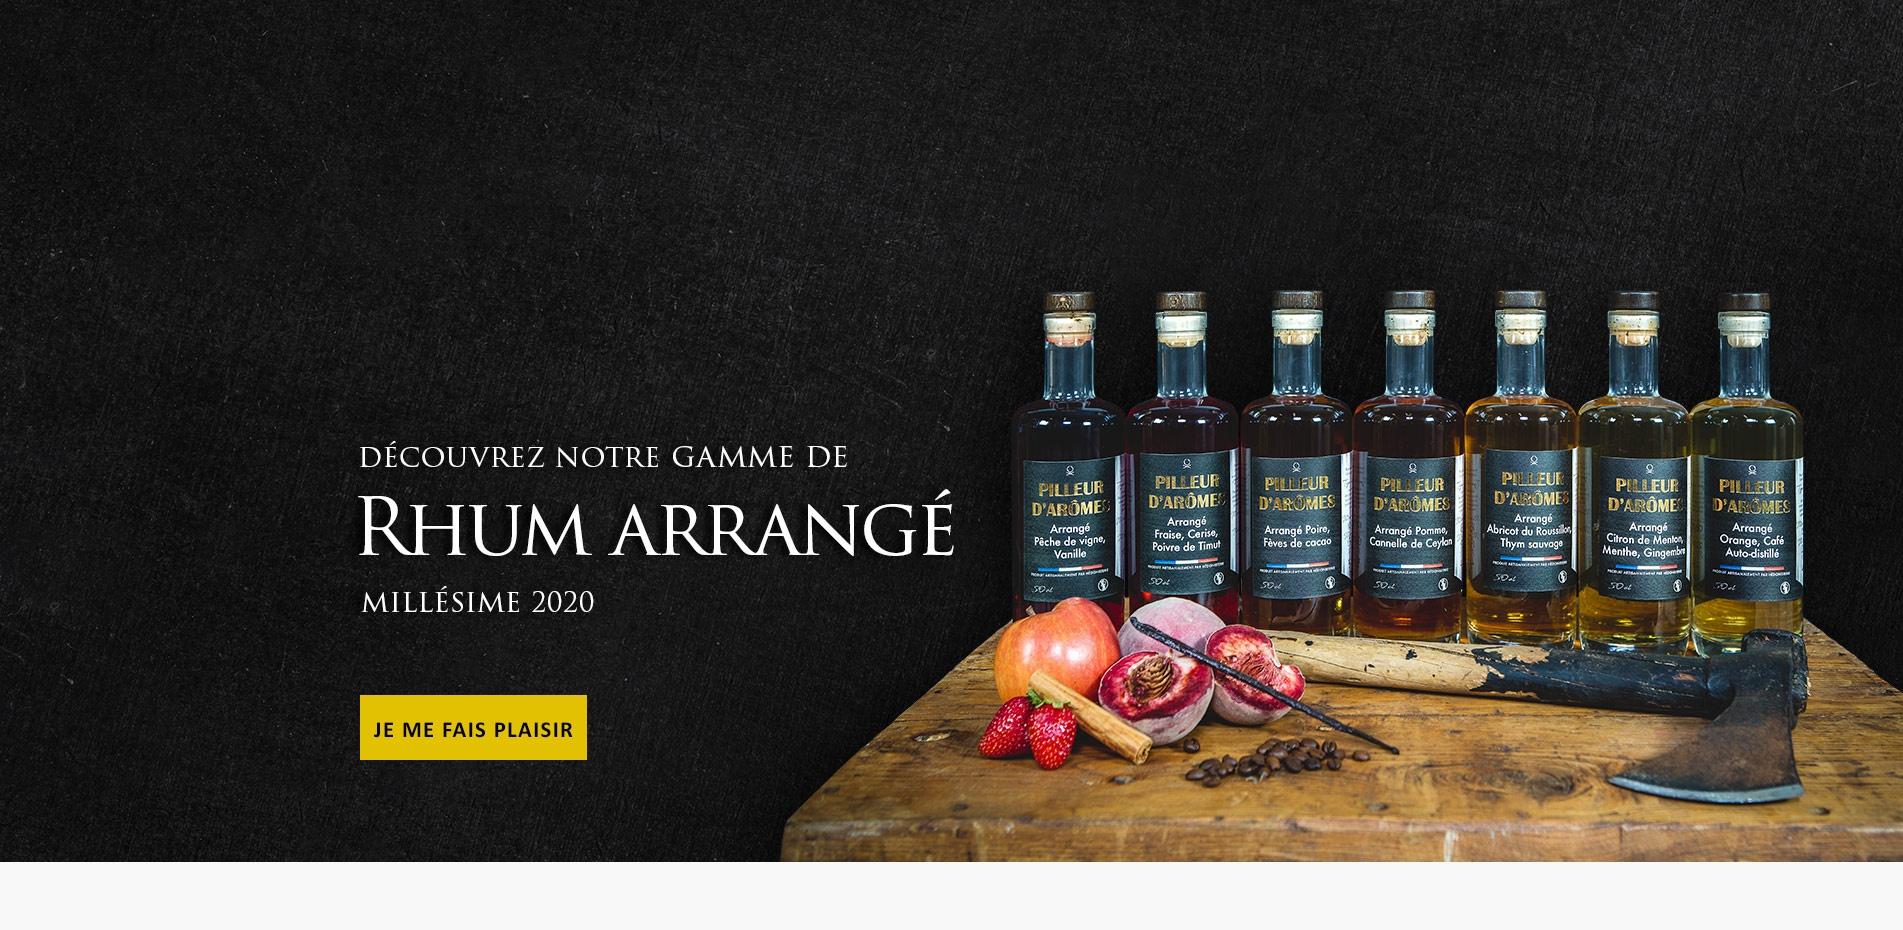 Rhum arrangé artisanal filtré Pilleur d'Arômes